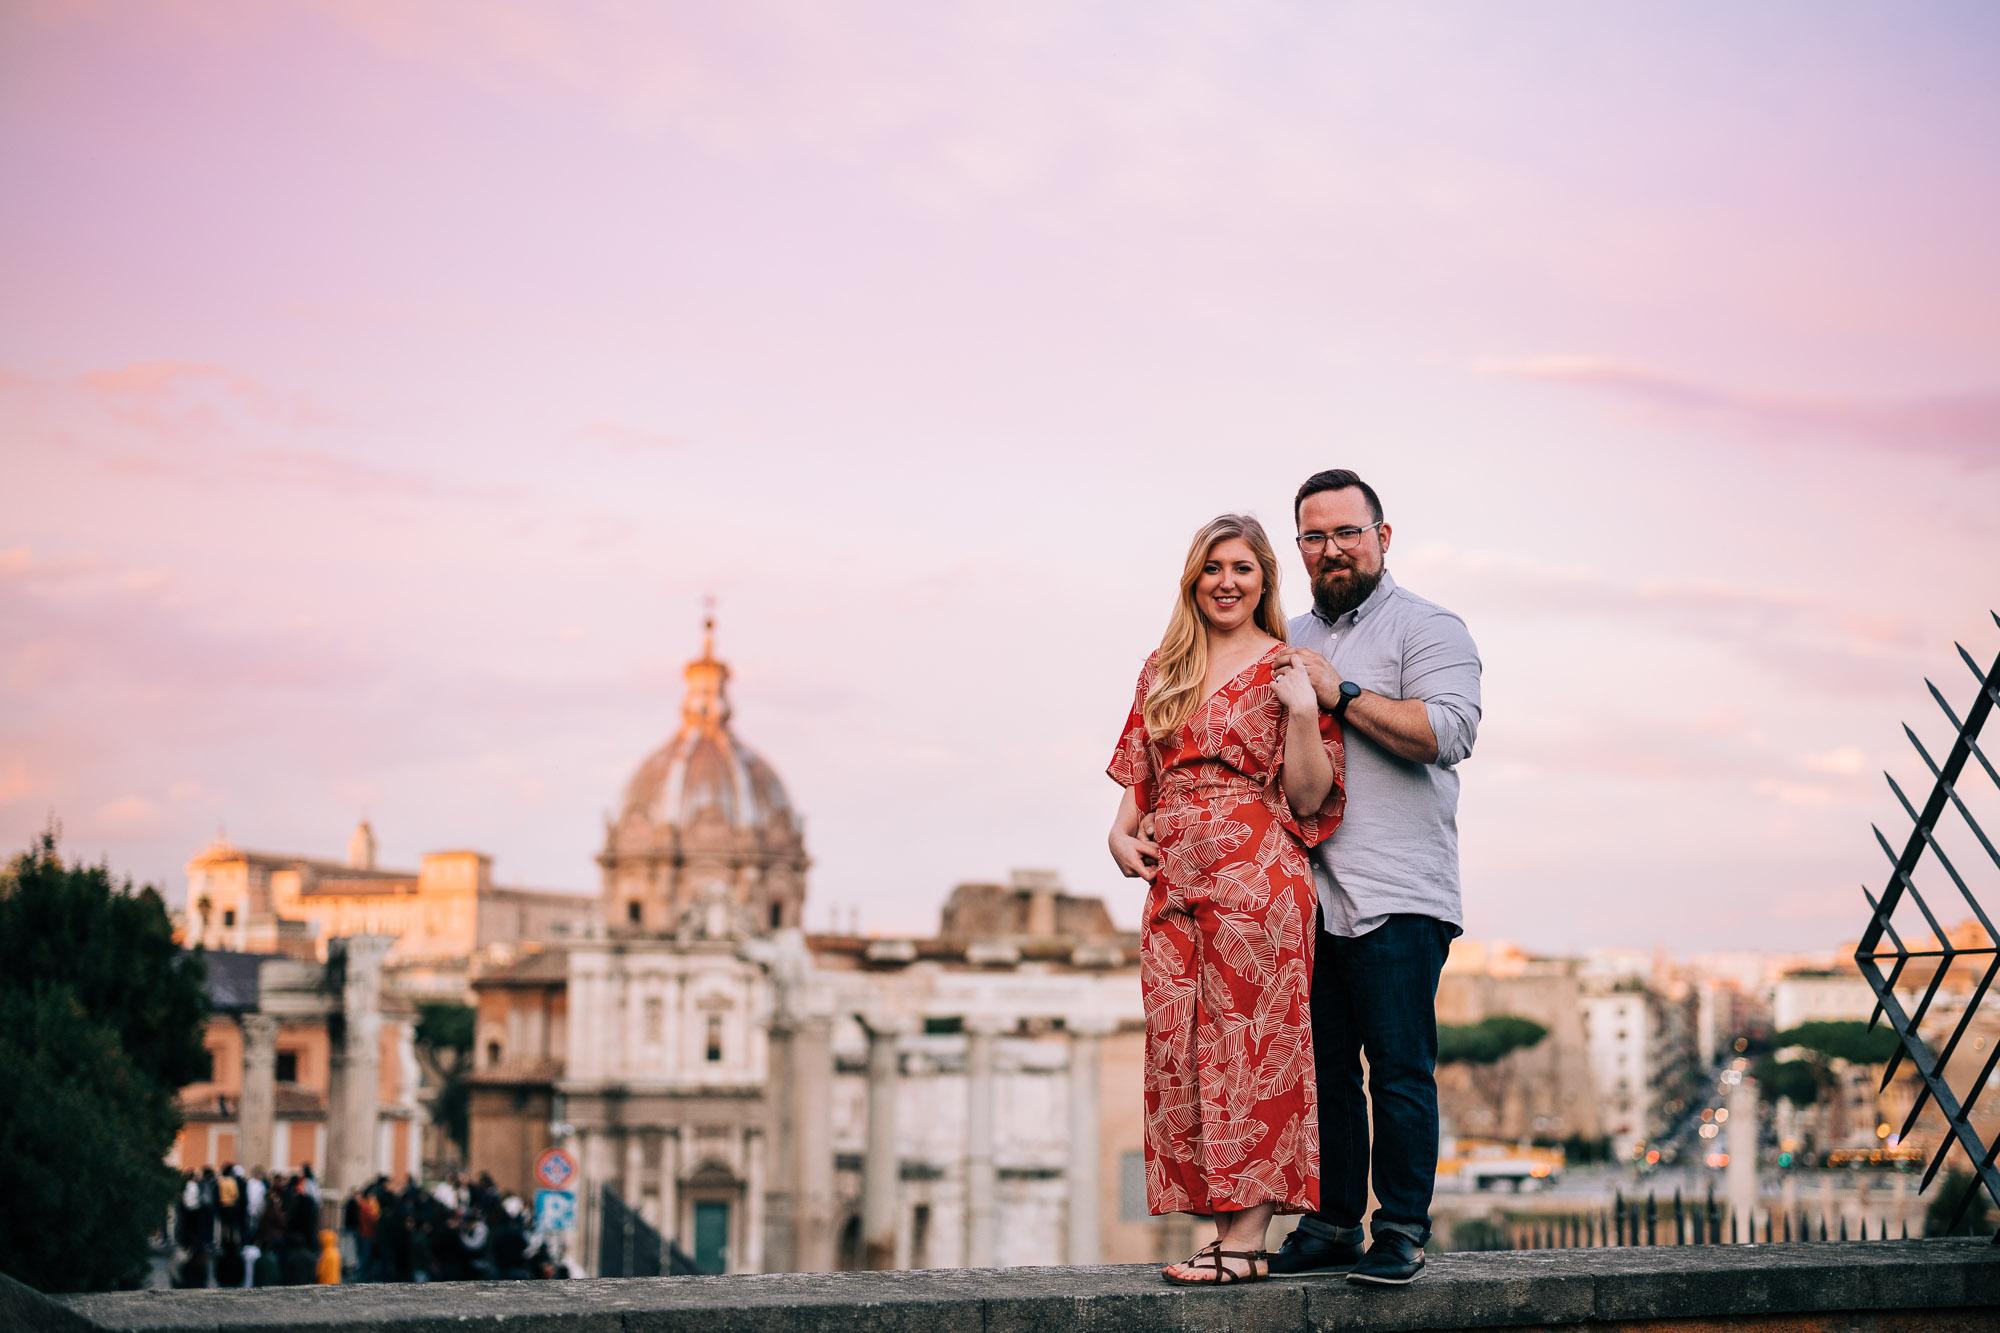 Rome_anniversary_photoshoot-1844.jpg